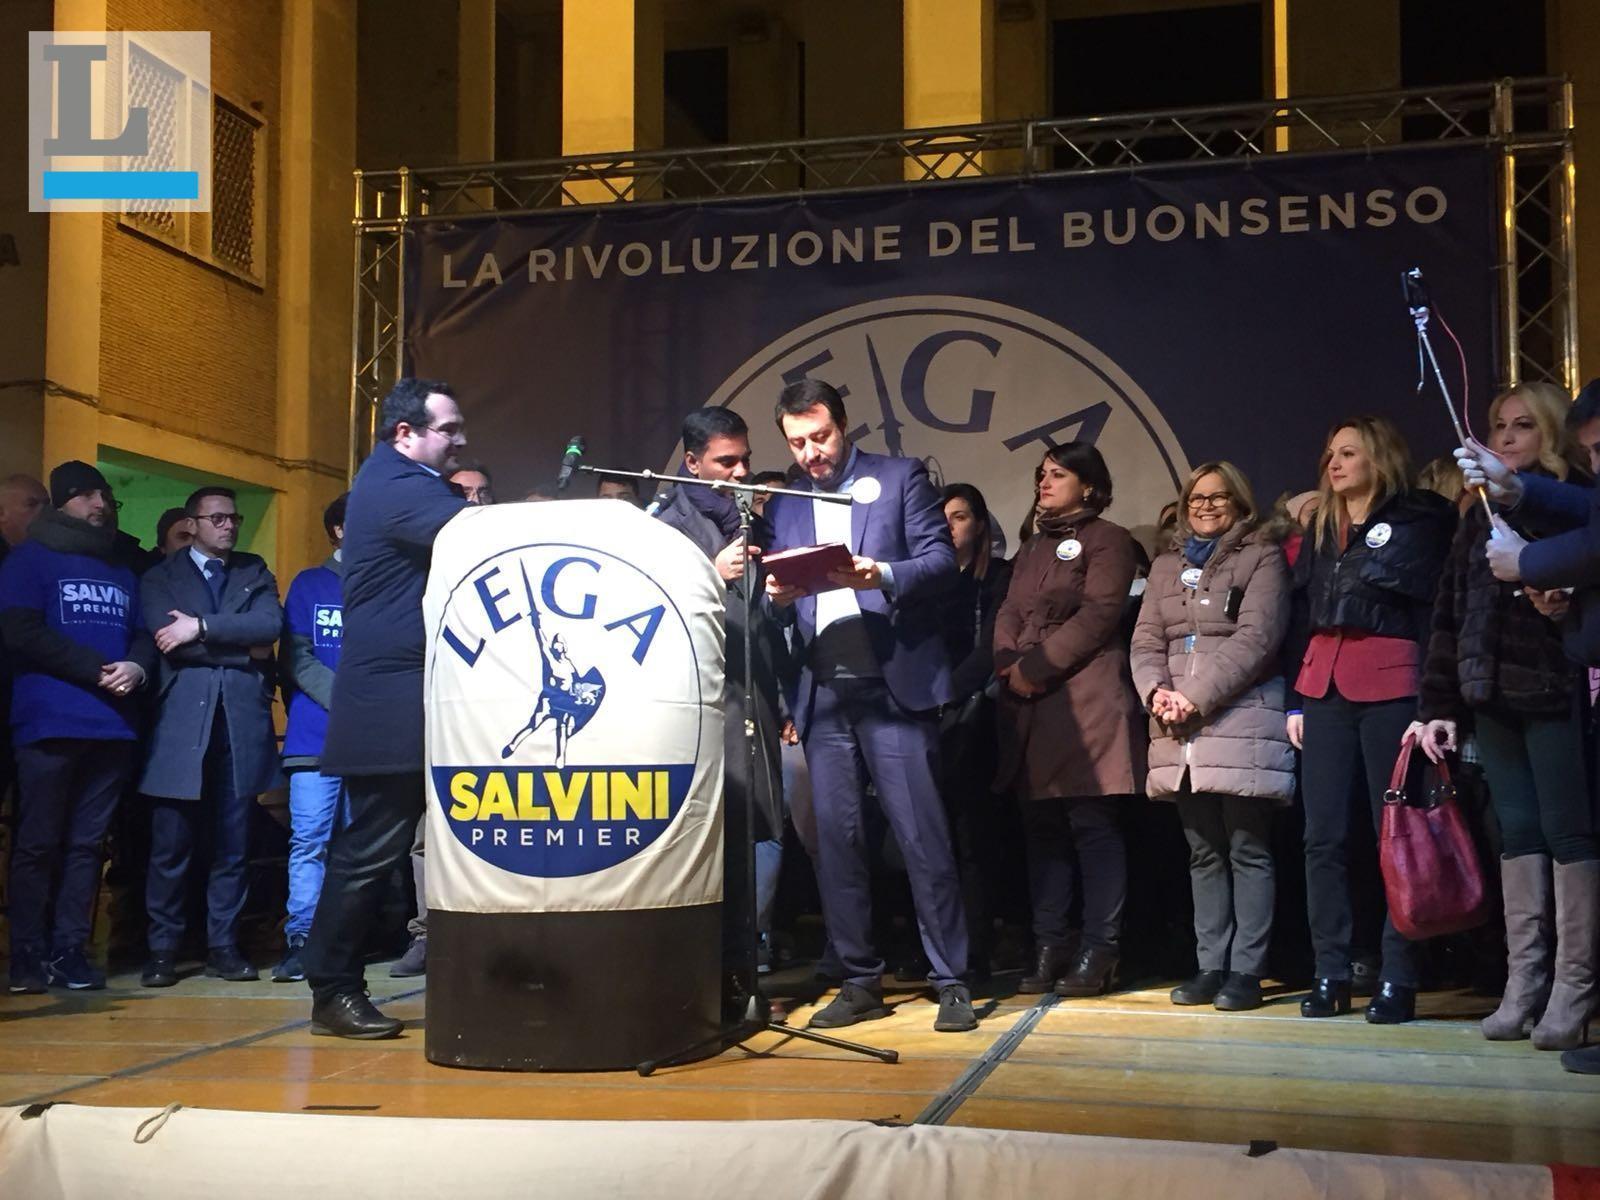 Elezioni politiche 2018: Berlusconi o Salvini? Chi sarà il Premier?